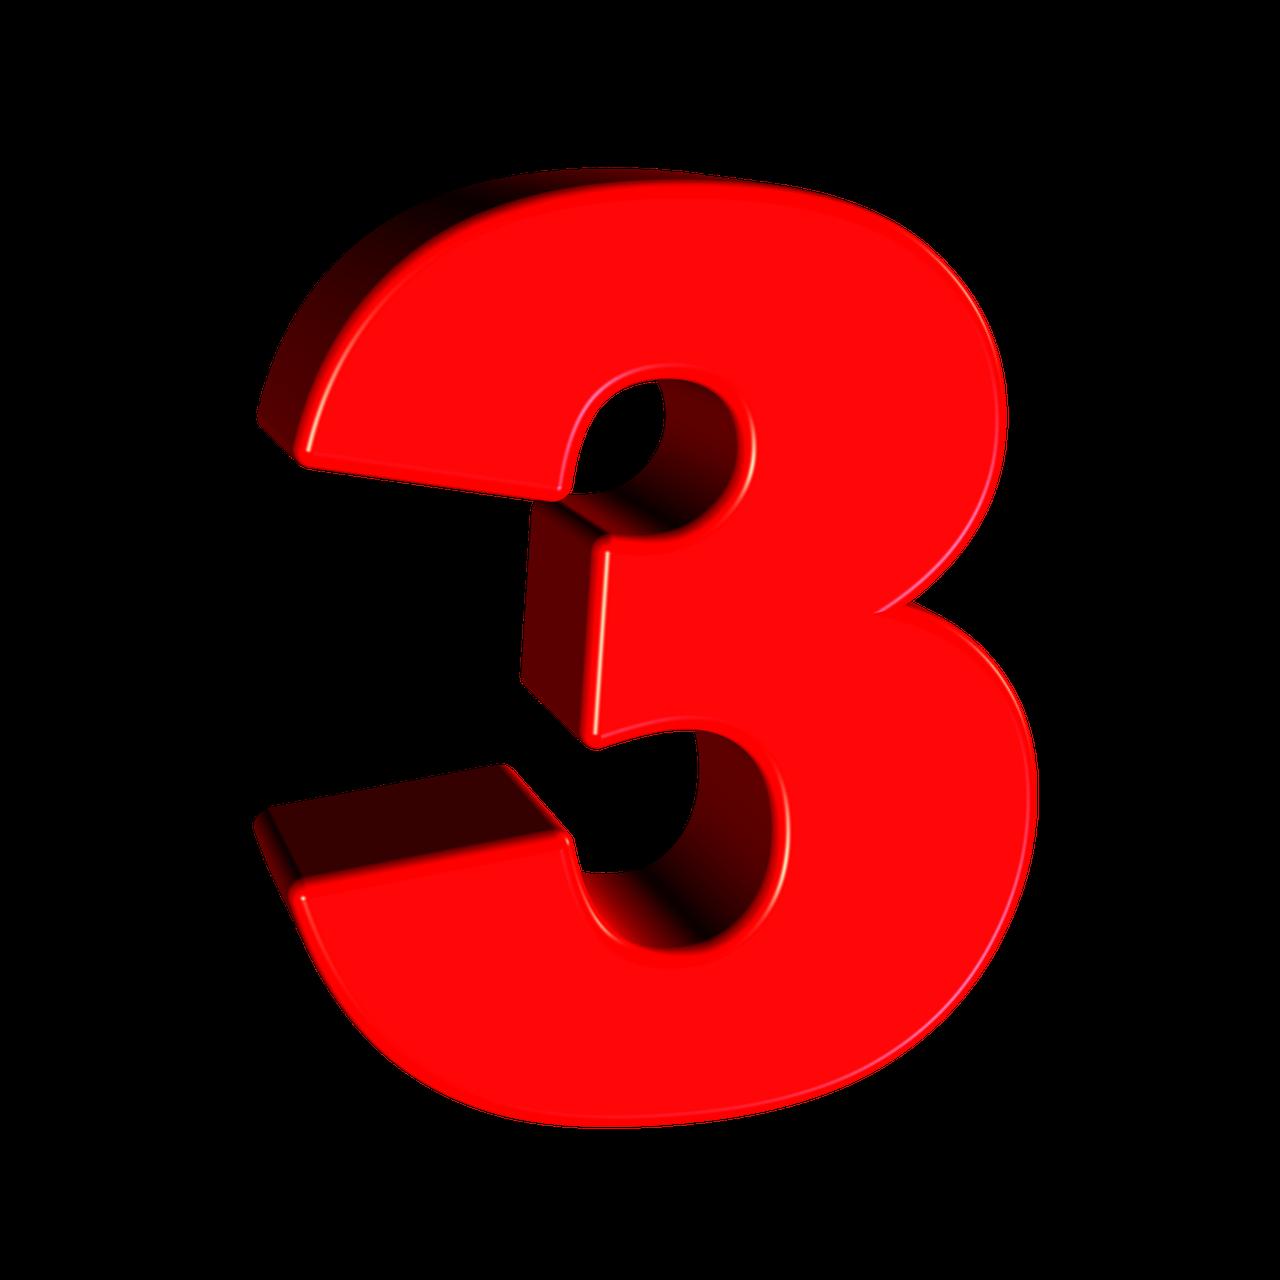 Imagen Gratis En Pixabay Tres Numero 3 Digito Fuente